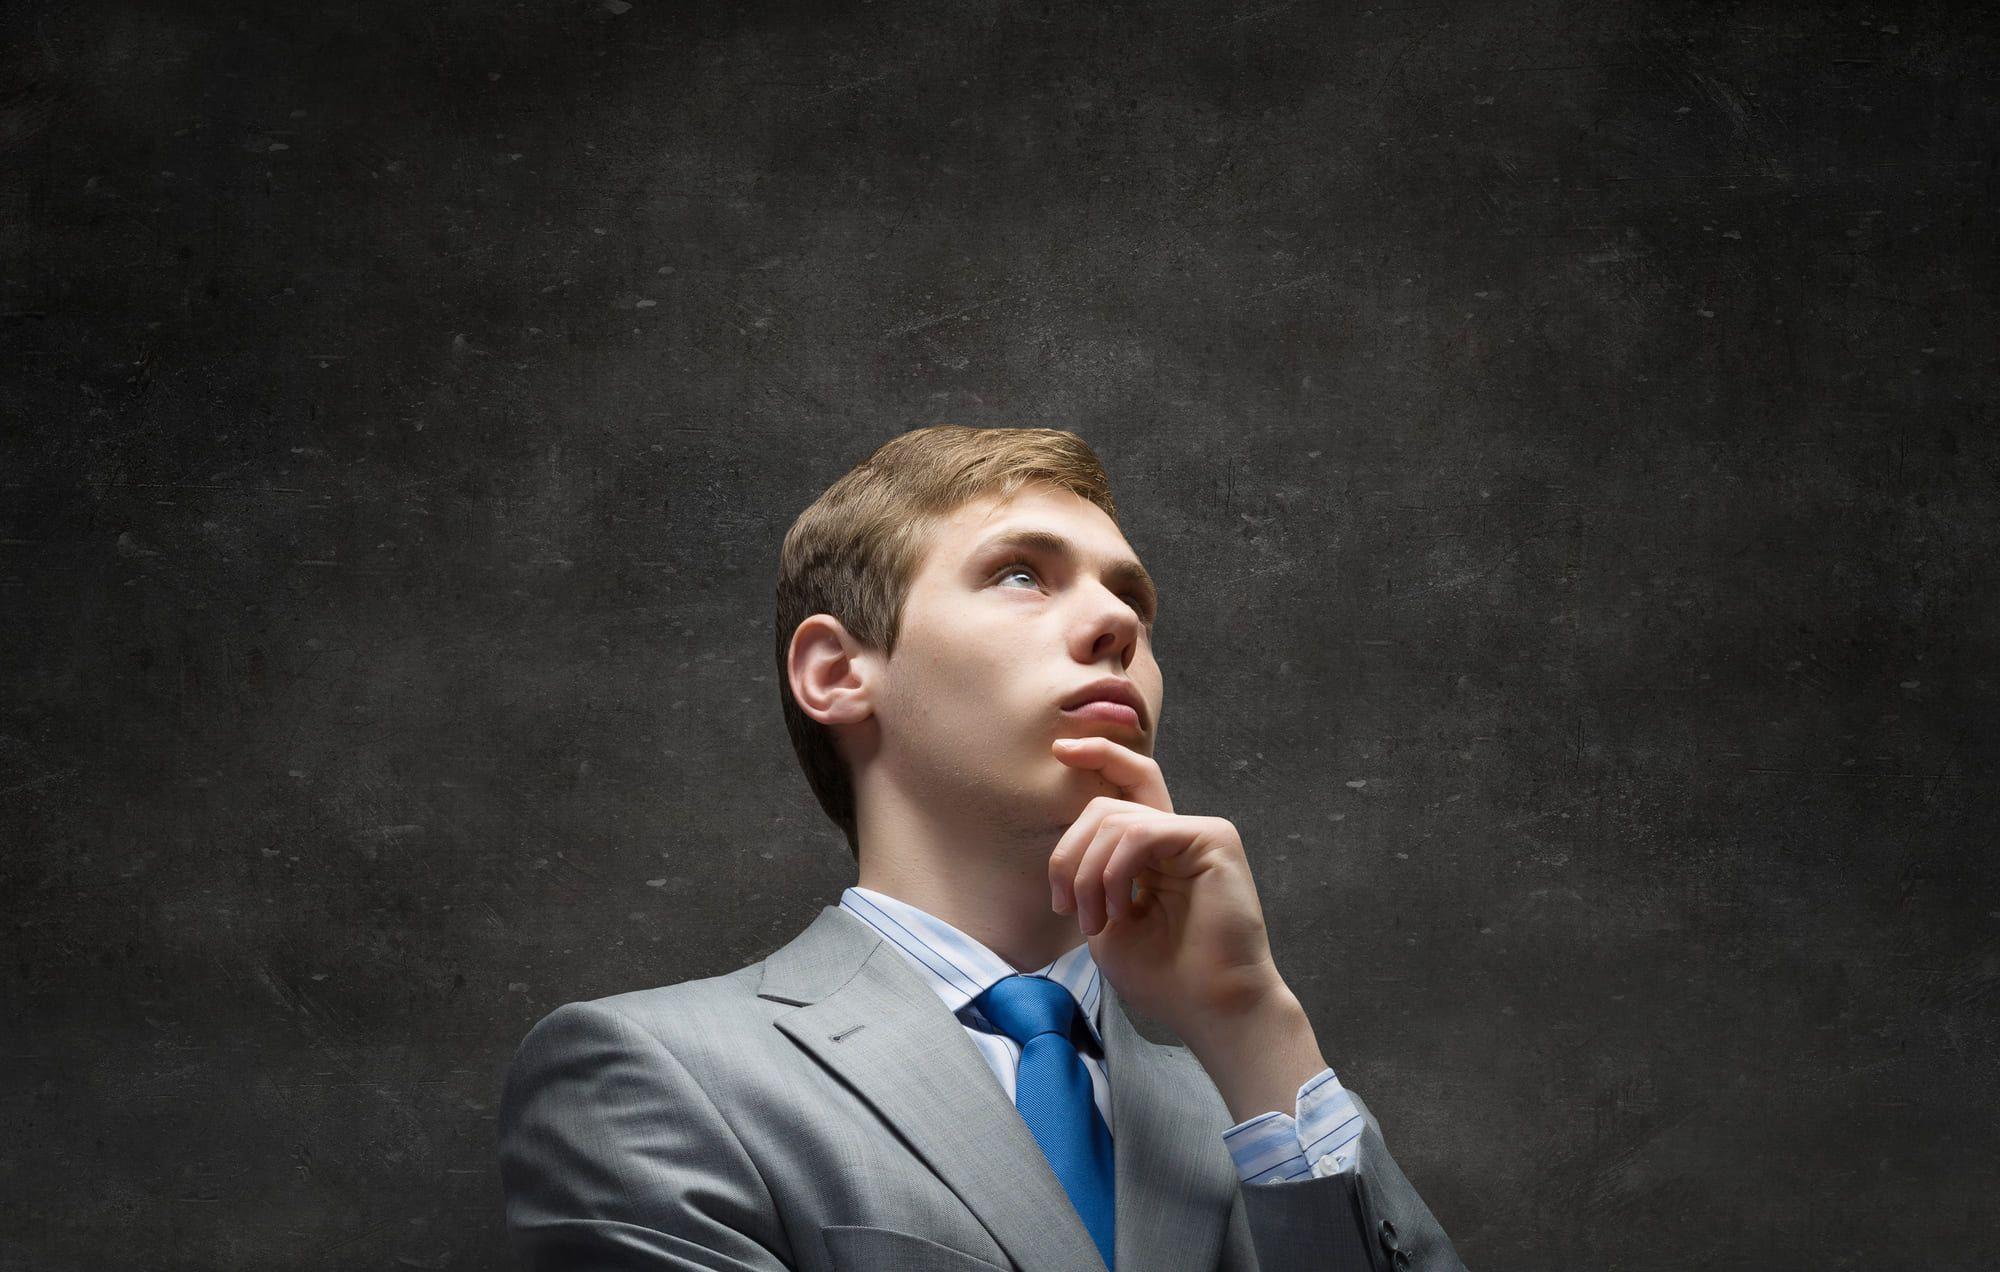 個人事業主になるには何が必要?必要な手続きと準備すべき4つのことを徹底解説